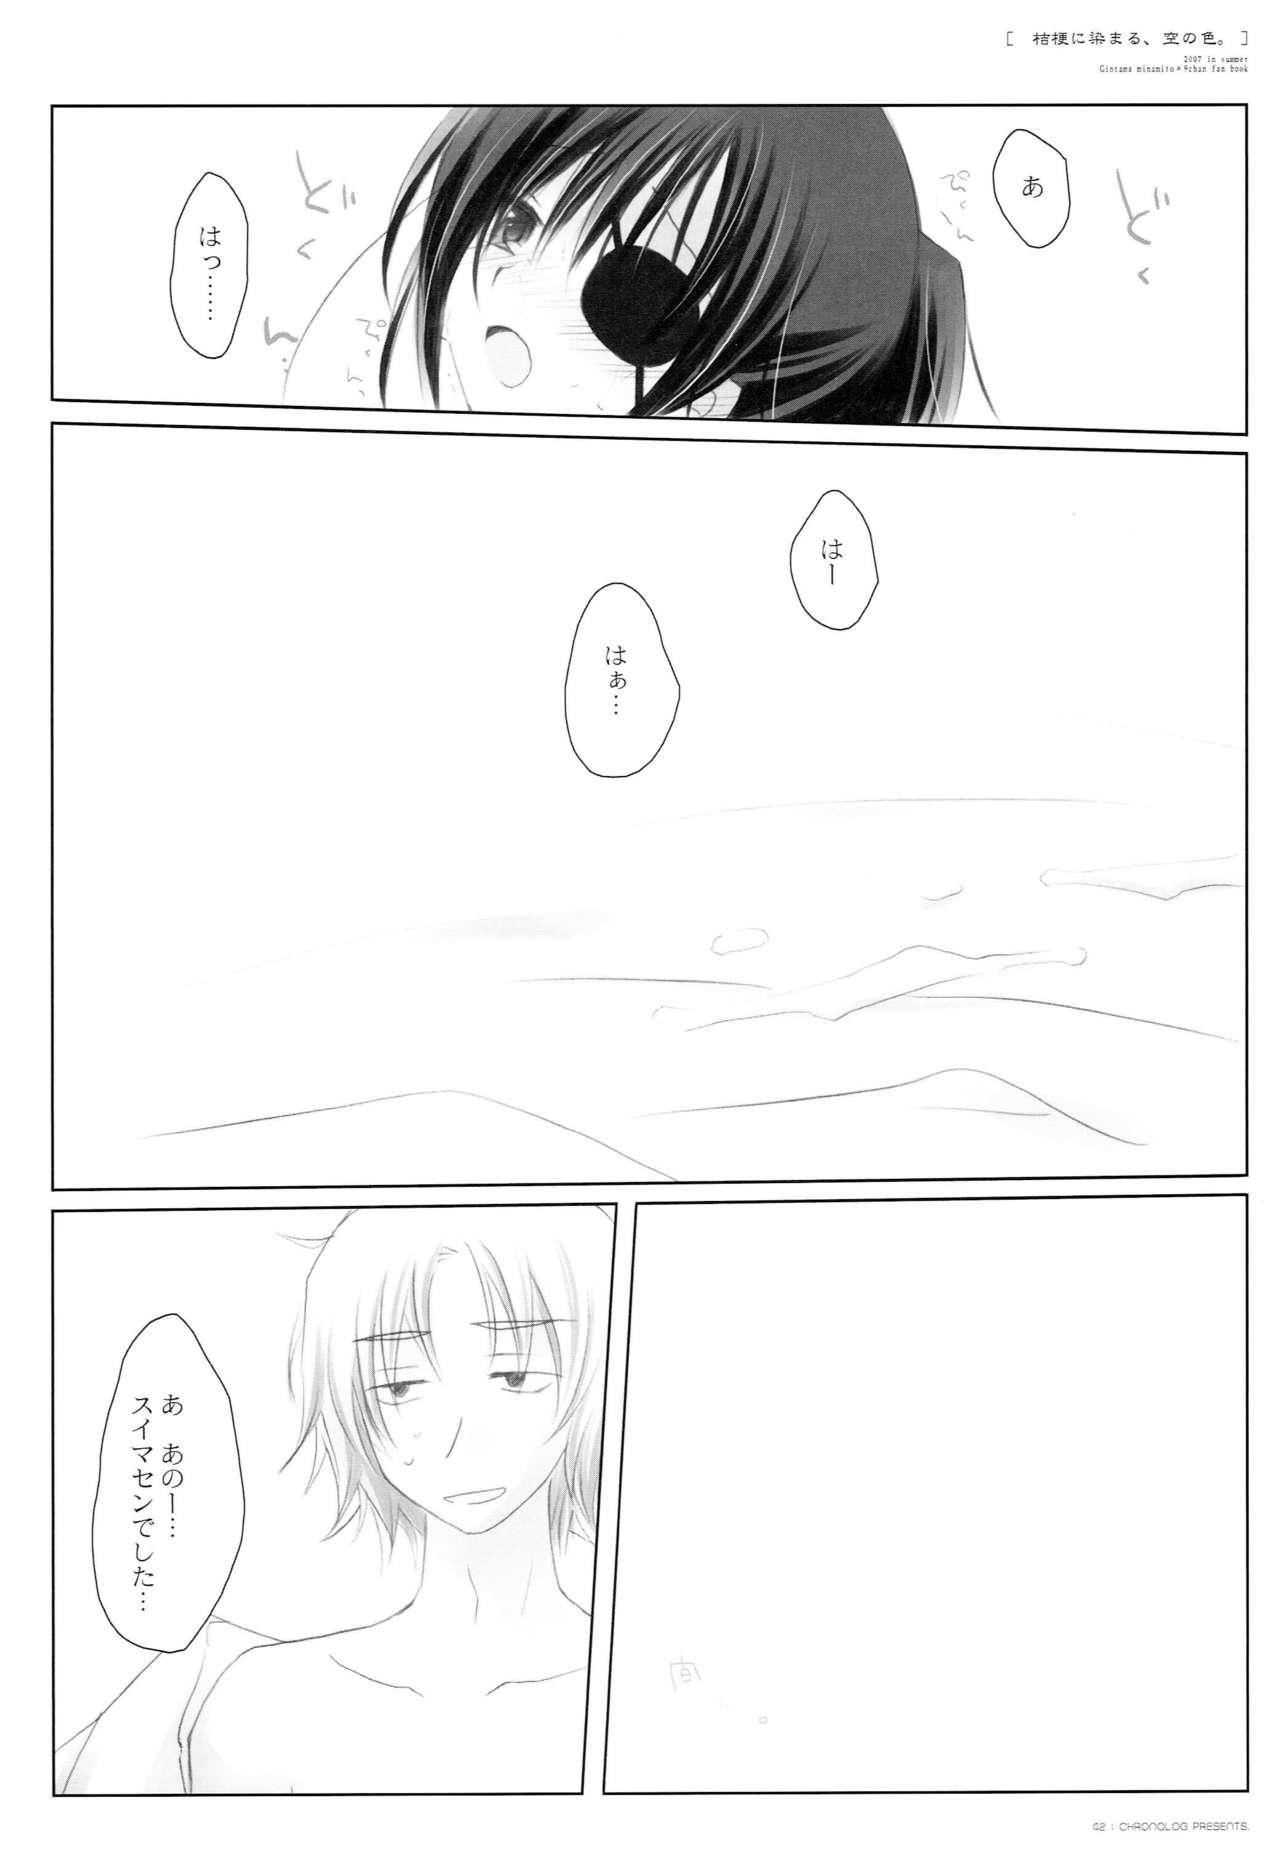 Kikyou ni Somaru Sora no Iro 40